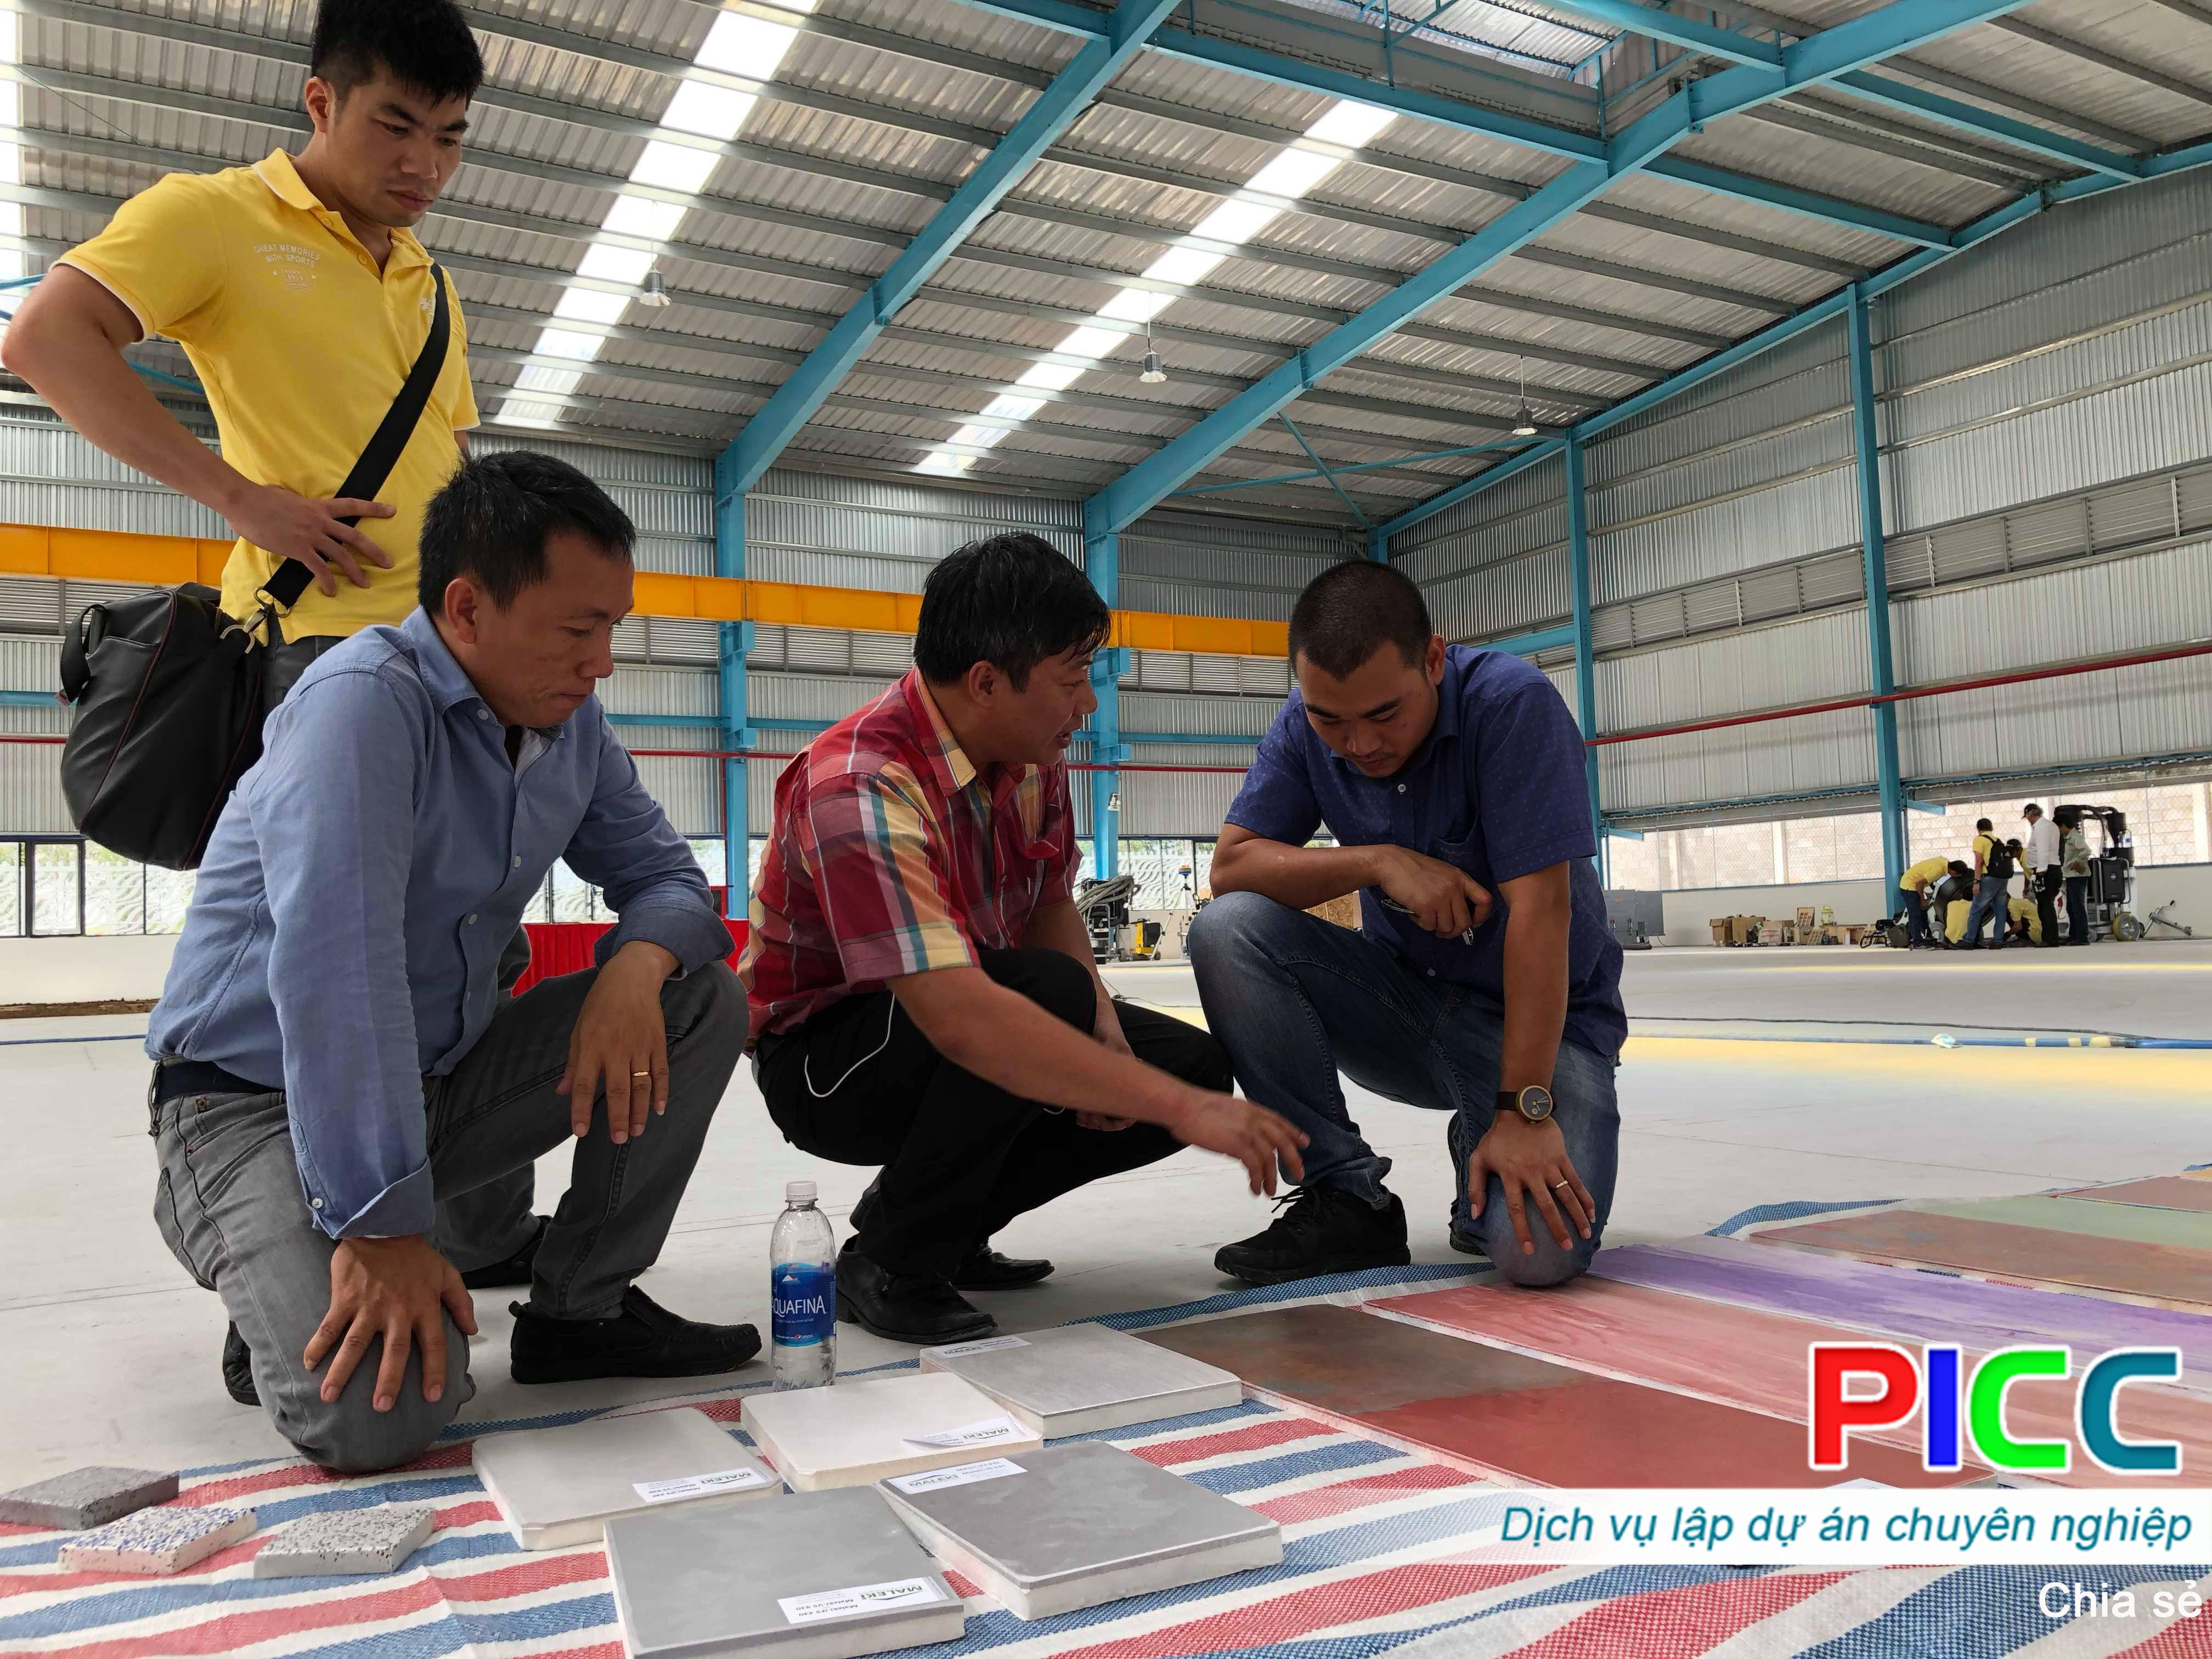 Ngắm công nghệ, sản phẩm sàn bê tông hiện đại tại sàn diễn thực nghiệm